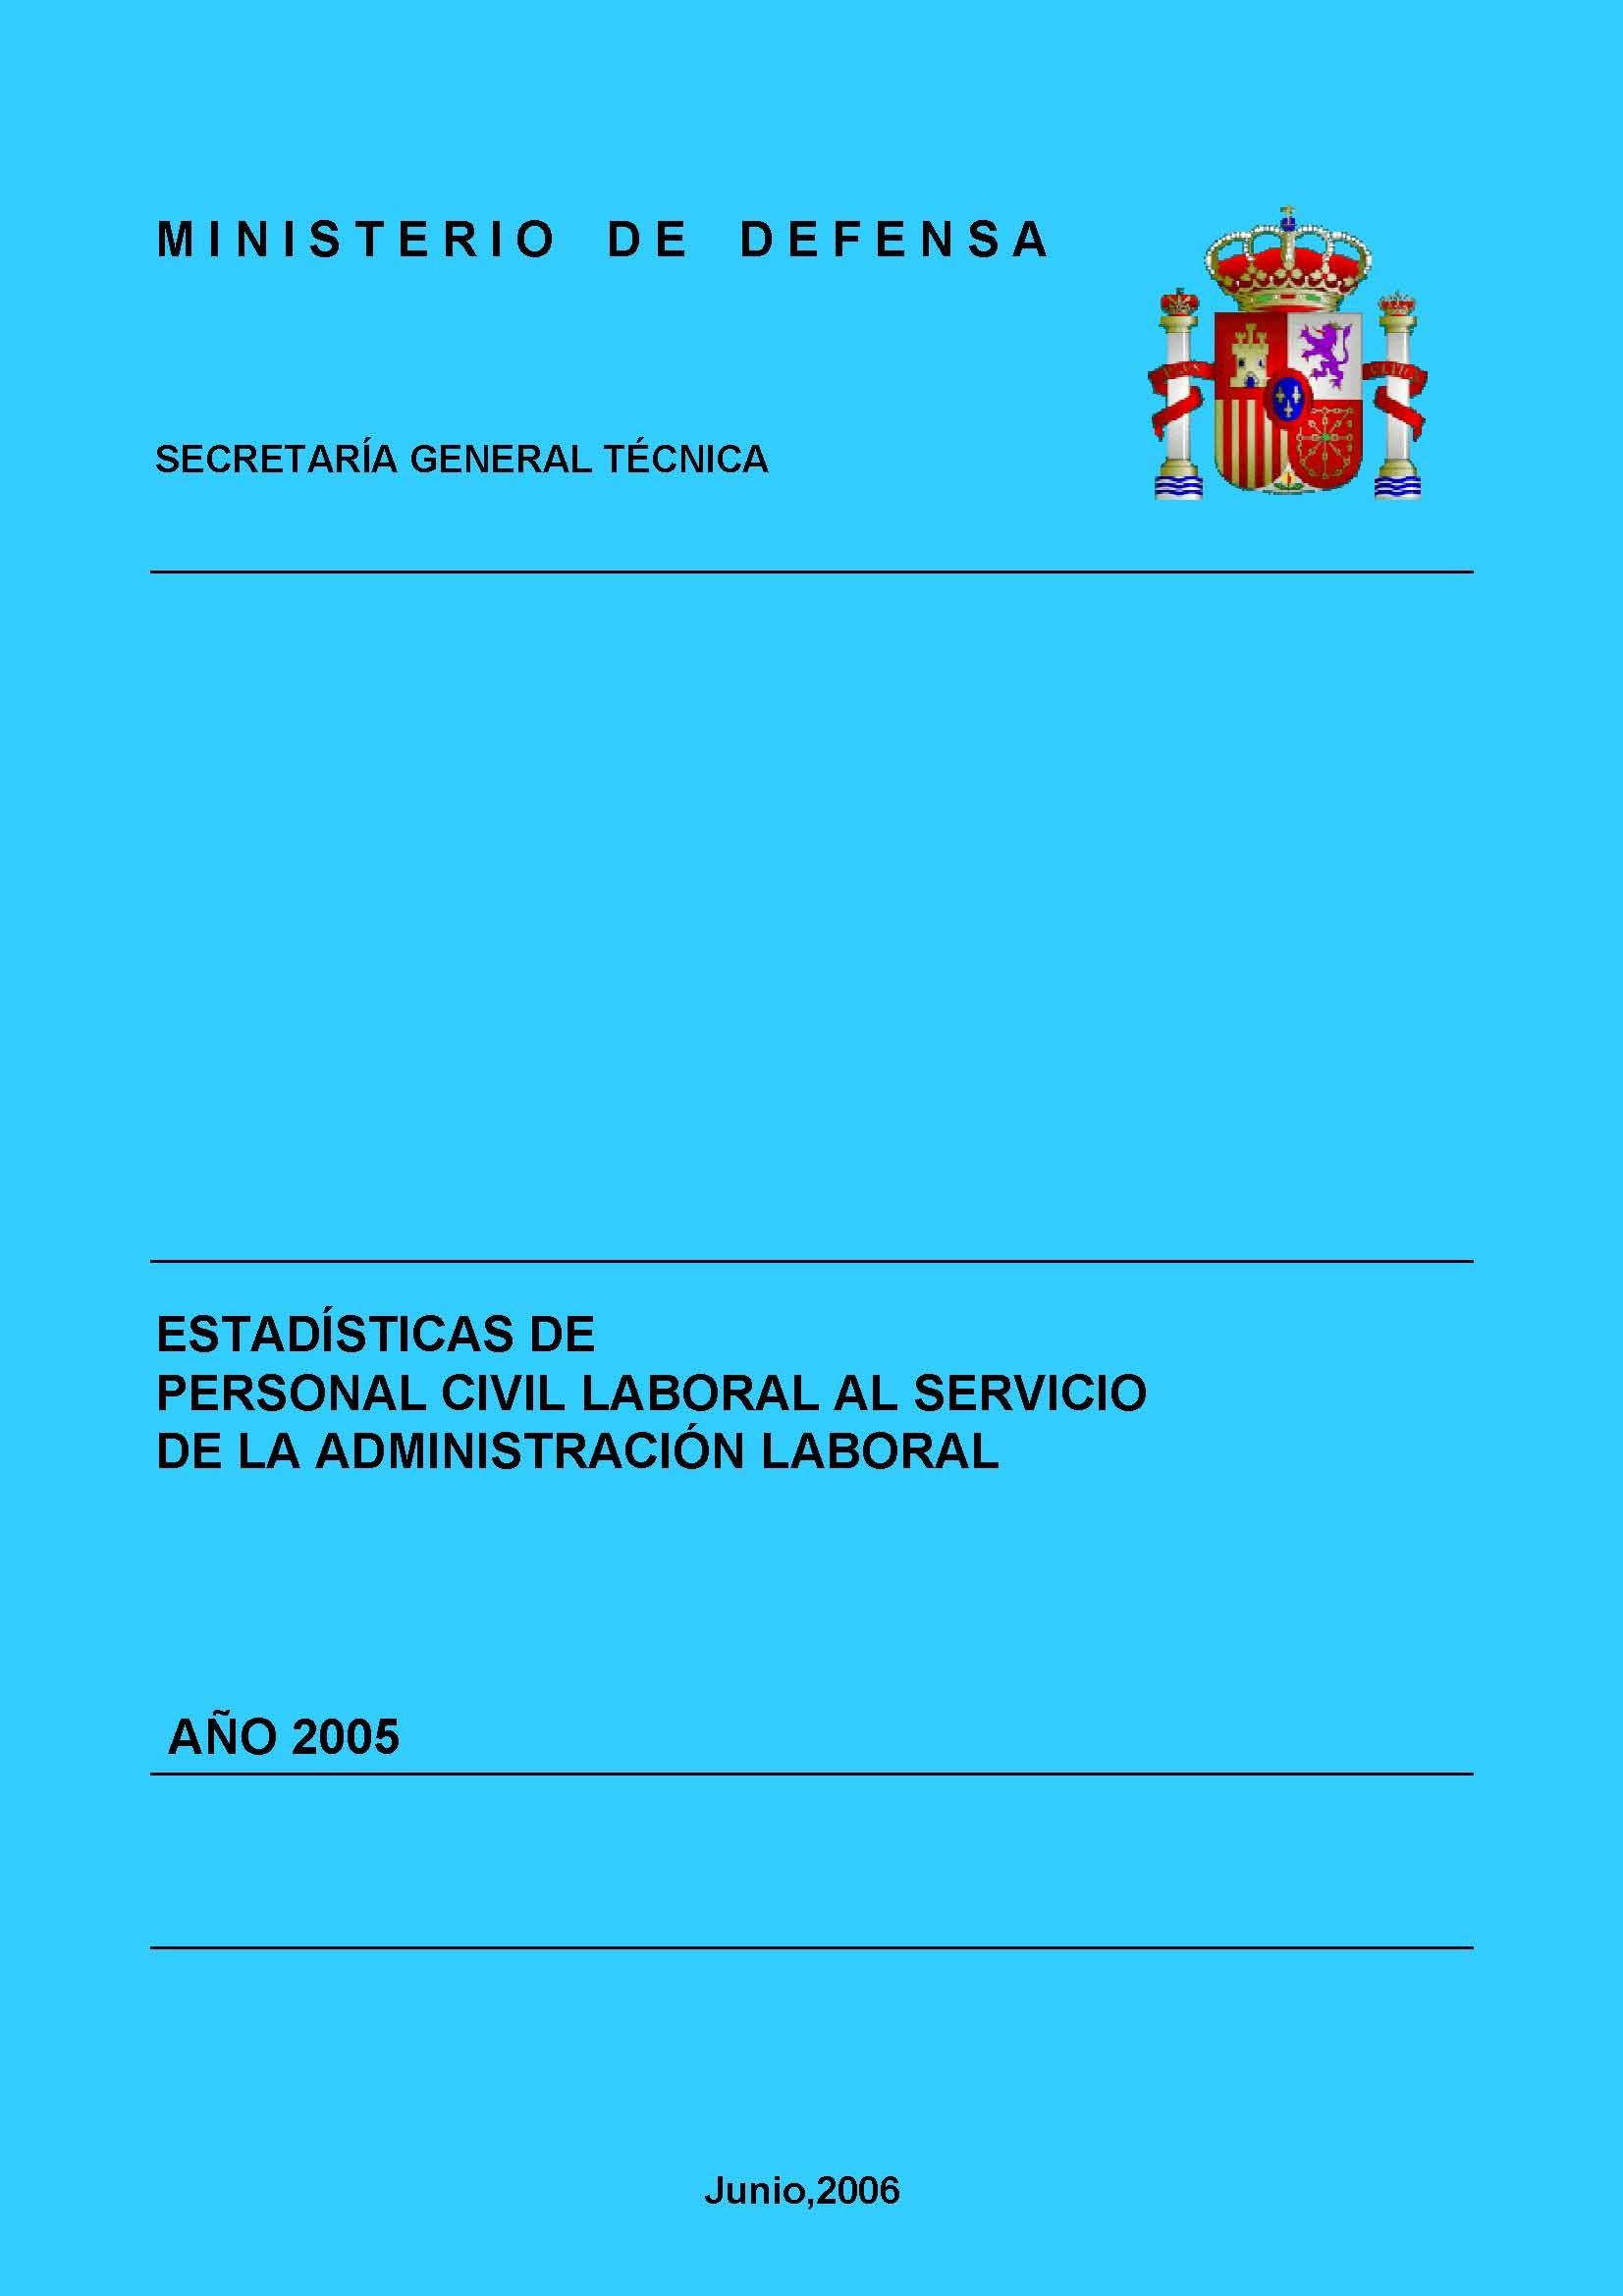 ESTADÍSTICA DEL PERSONAL CIVIL LABORAL AL SERVICIO DE LA ADMINISTRACIÓN MILITAR 2005